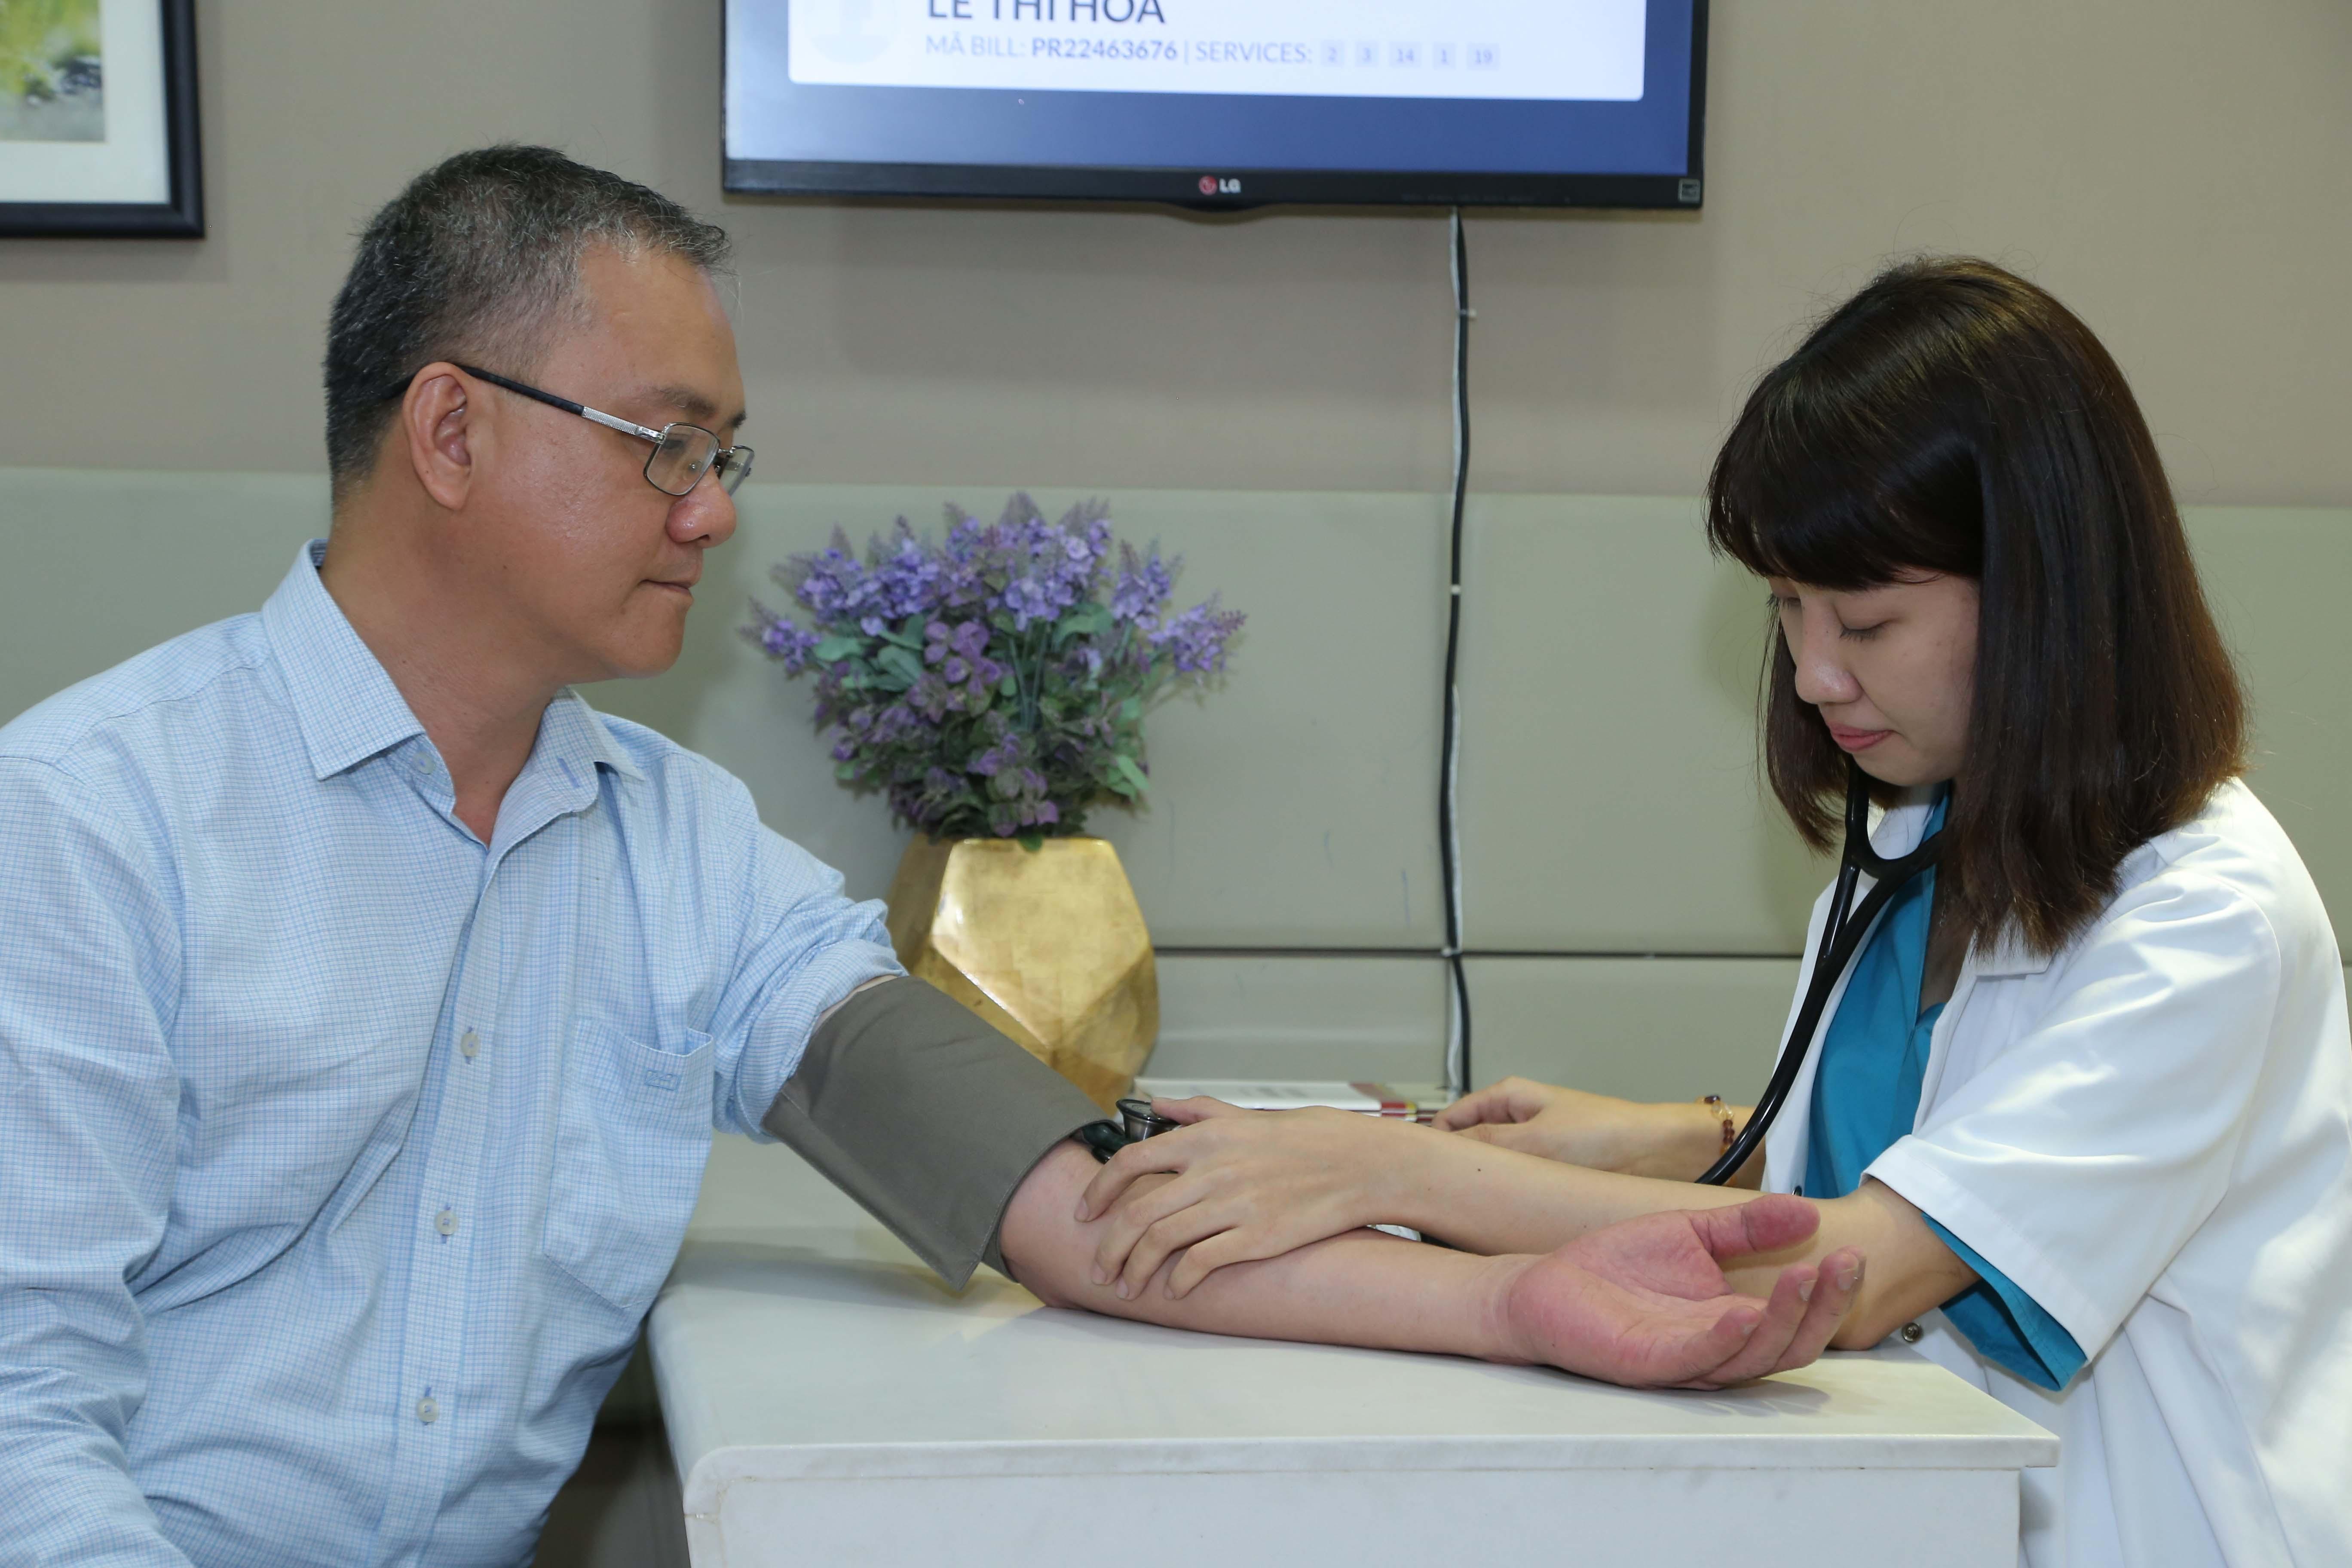 3 Lợi ích khi khám tim mạch tại phòng khám tư nhân